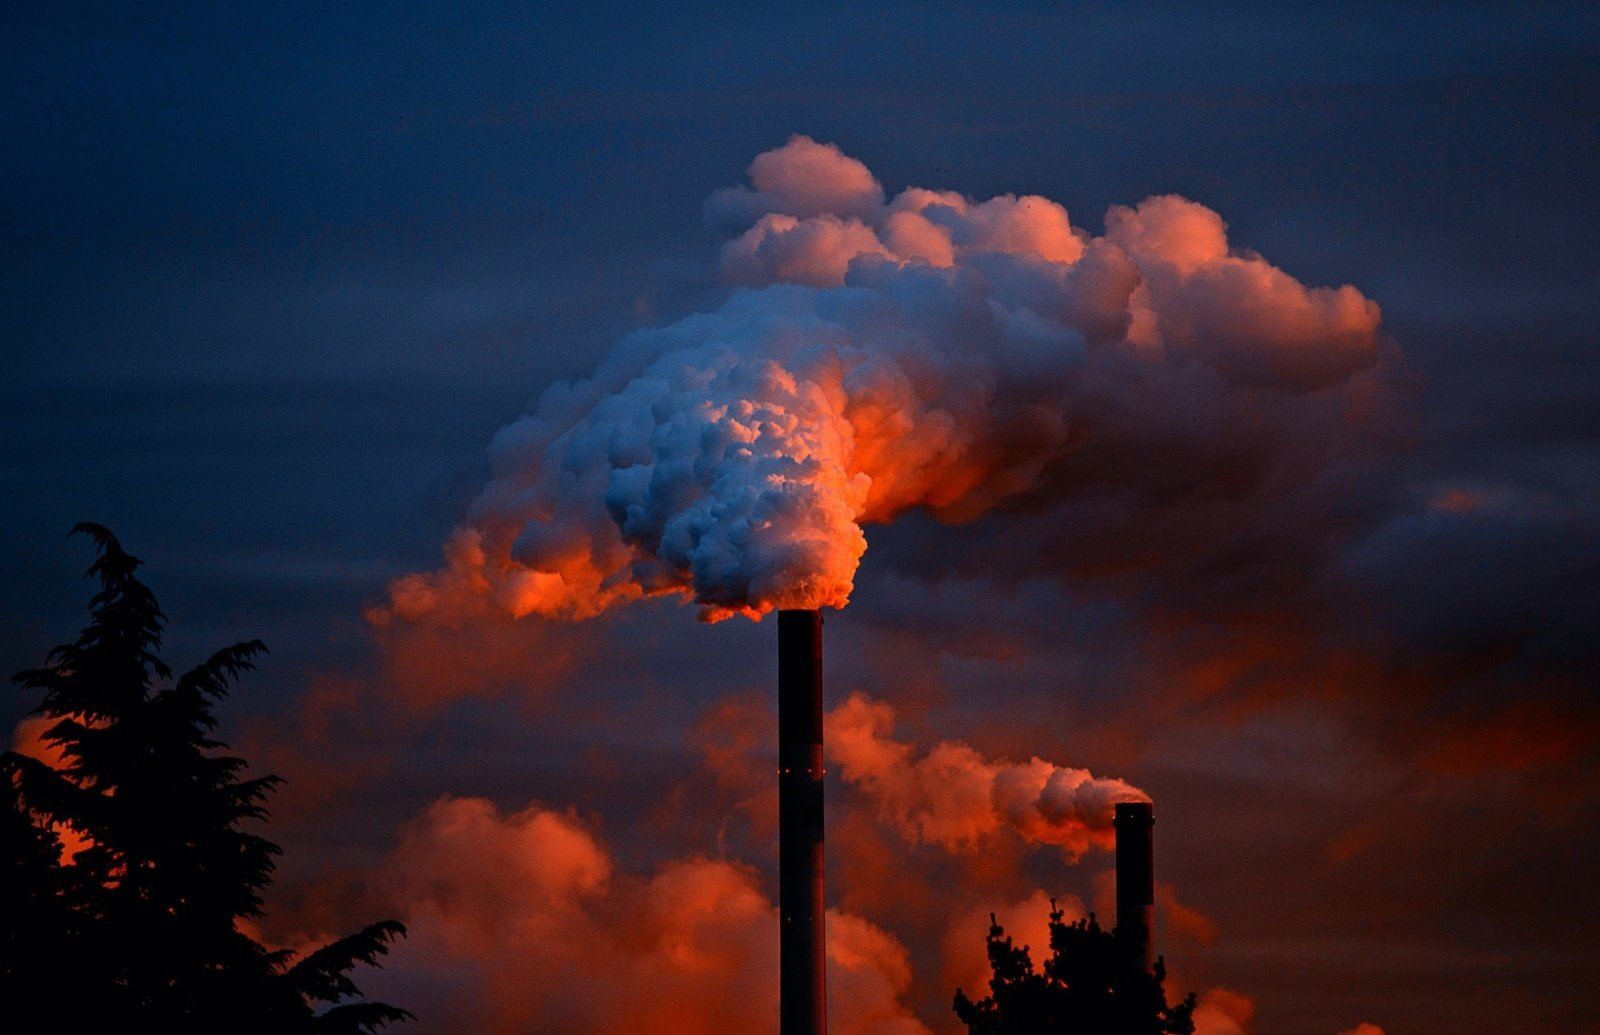 Europos vyriausybės nesugeba apsaugoti savo piliečių nuo oro taršos